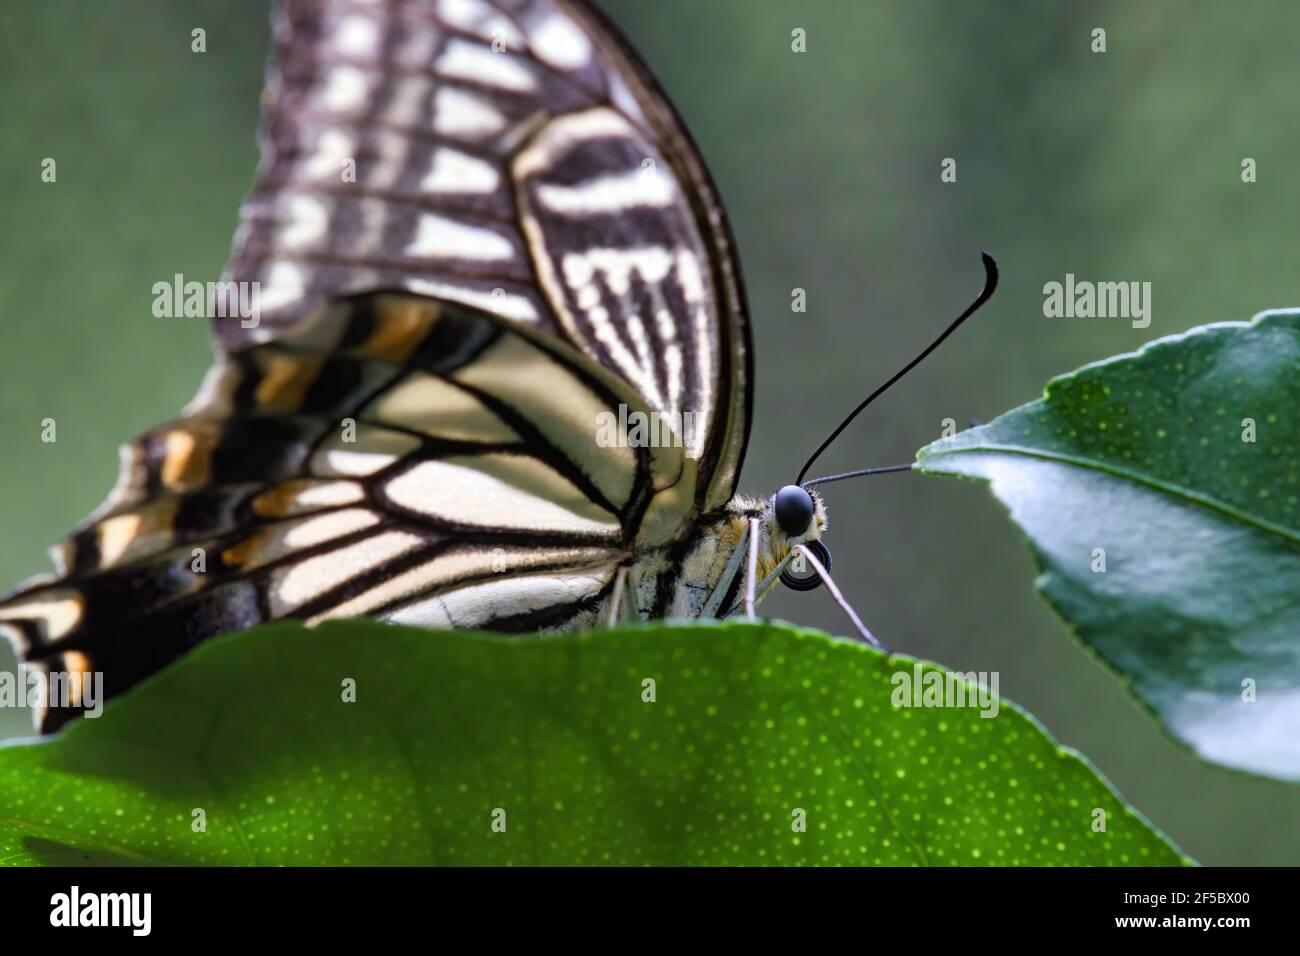 Ojo y cabeza detallados de una mariposa amarilla de cola de cisne. Foto de stock